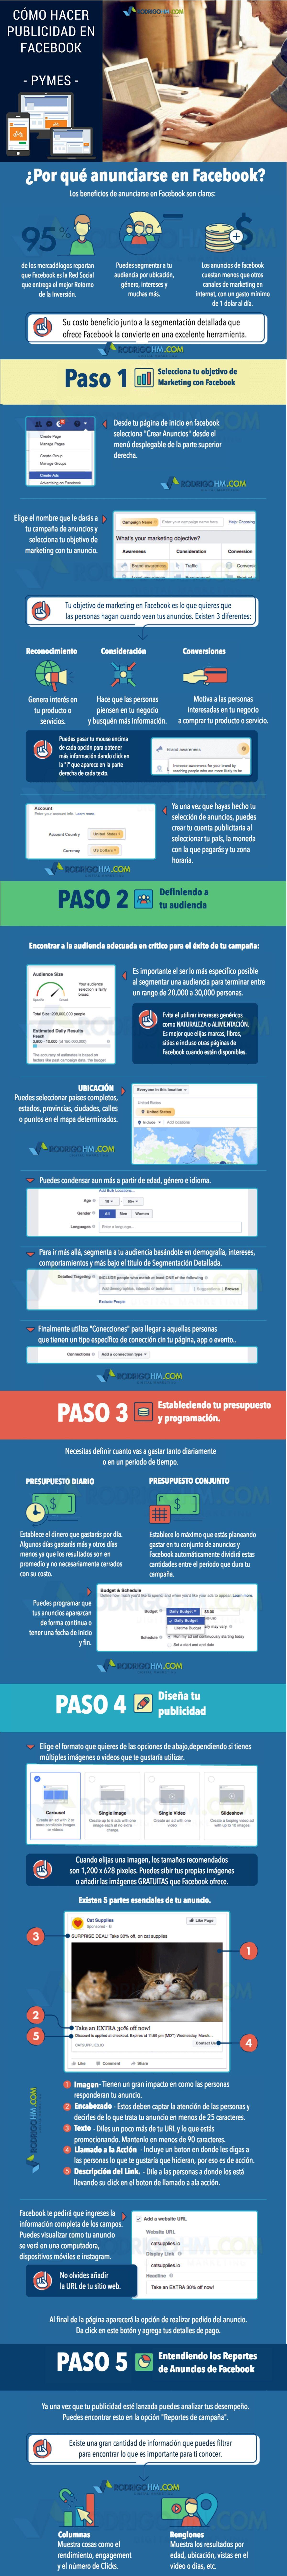 Hola Una Infografía Sobre Cómo Hacer Publicidad En Facebook Vía Un Saludo Guardarguardar Como Hacer Publicidad Administracion De Negocios Publicidad